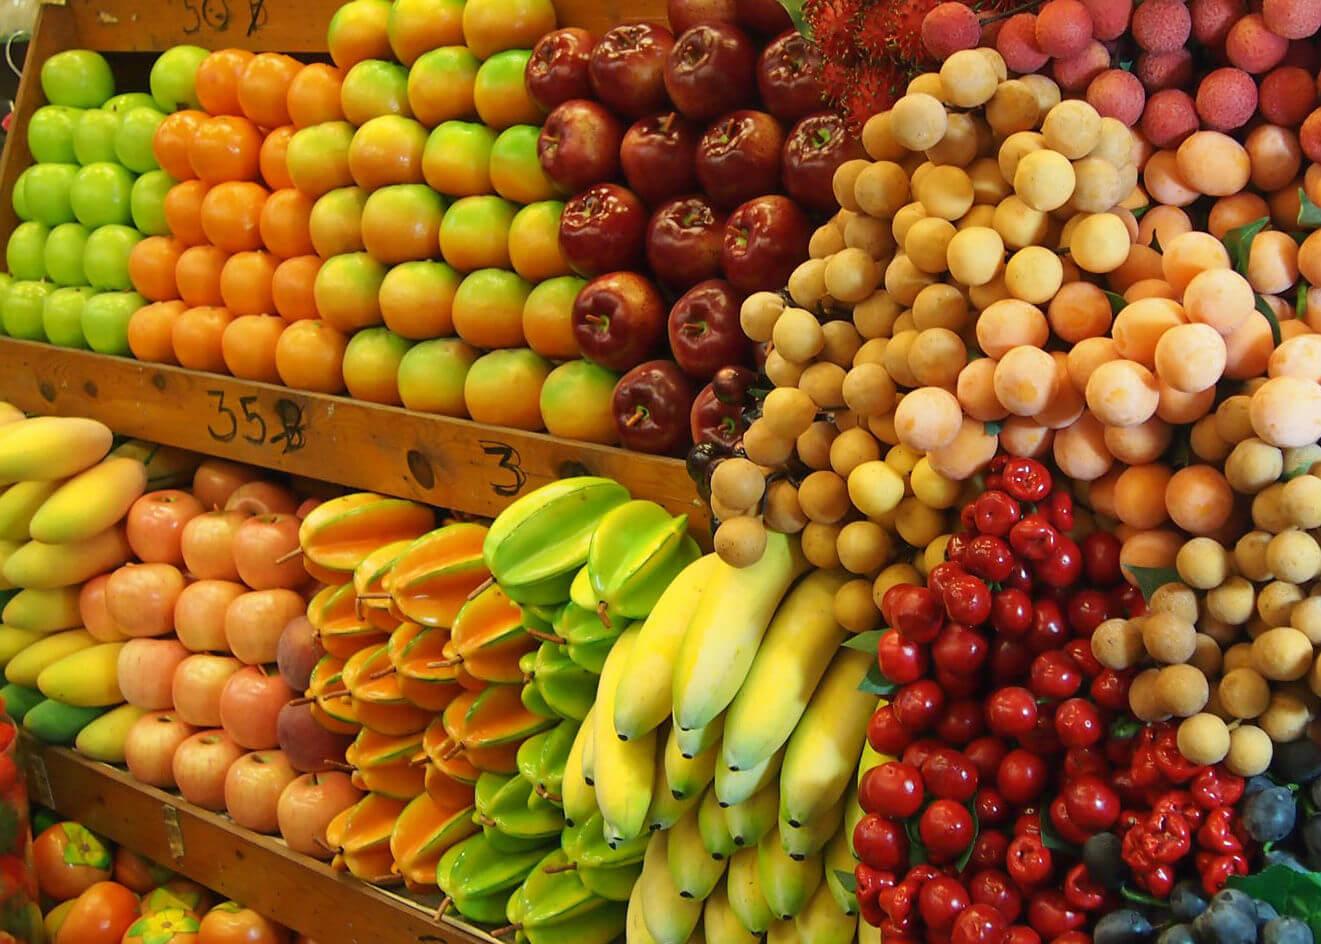 Разнообразие фруктов Таиланда